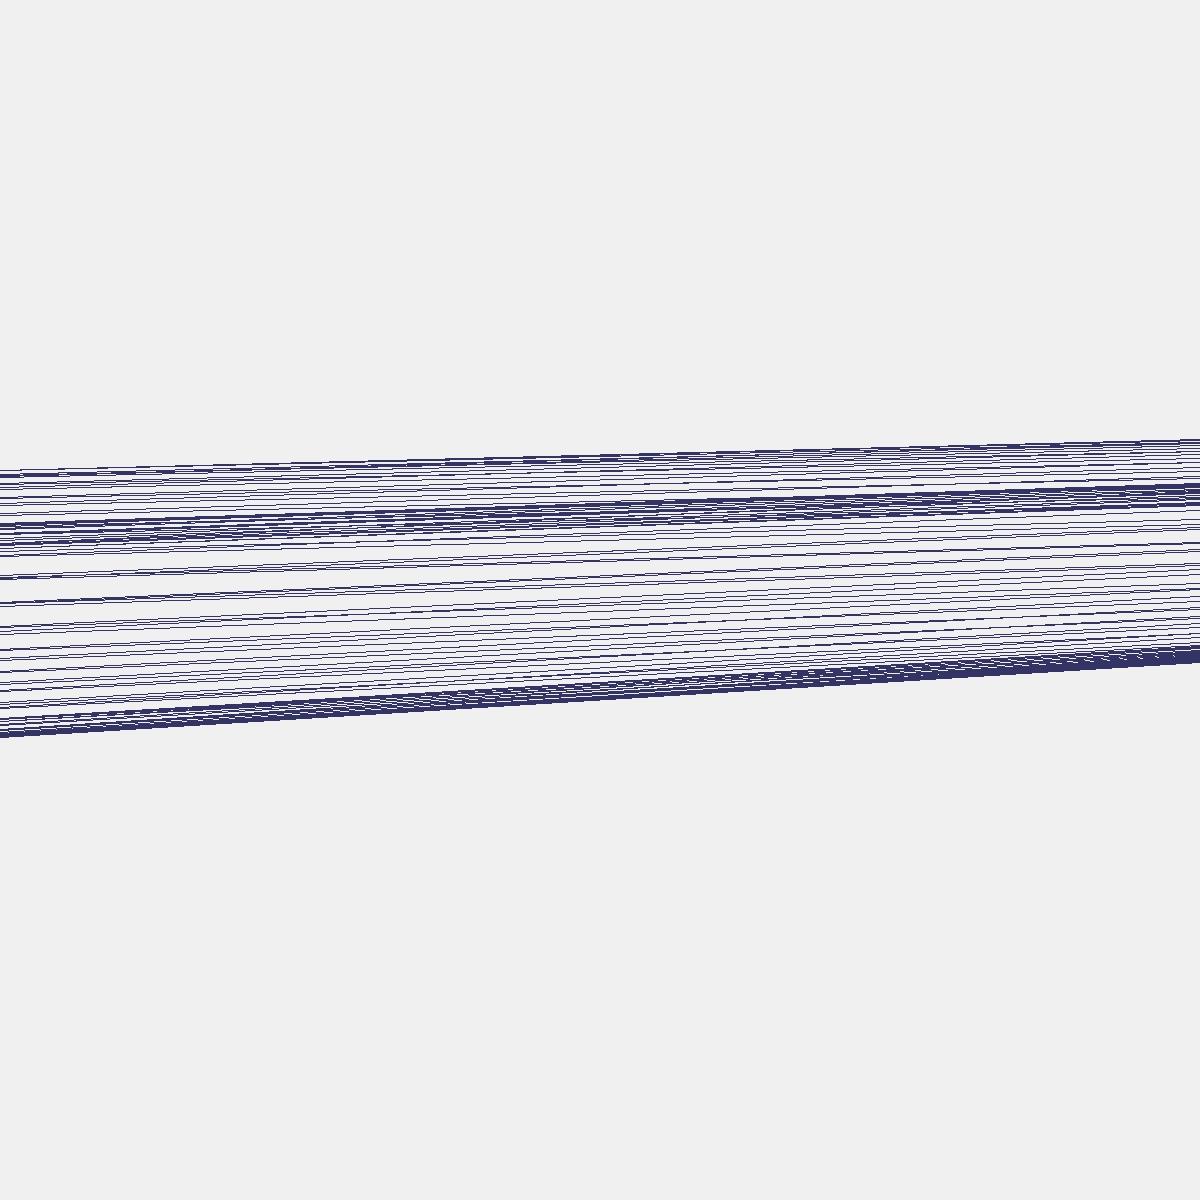 aerobee 170 raķete 3d modelis 3ds dxf fbx blend cob dae x obj 166051